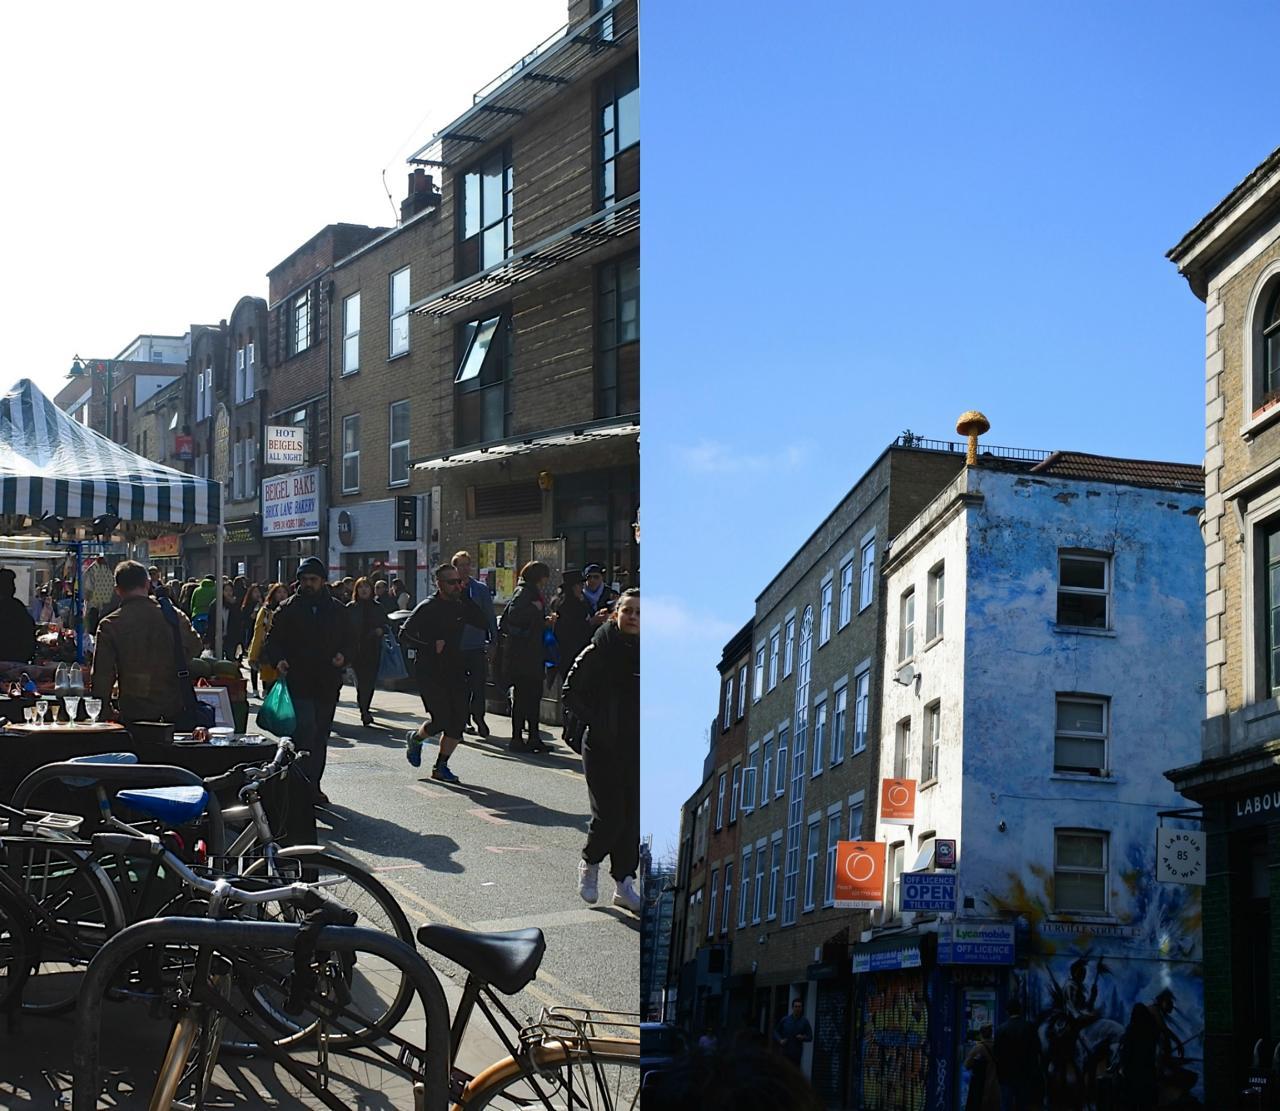 左はブリック・レーン。右の建物の上に見えるキノコのアートを見よ!